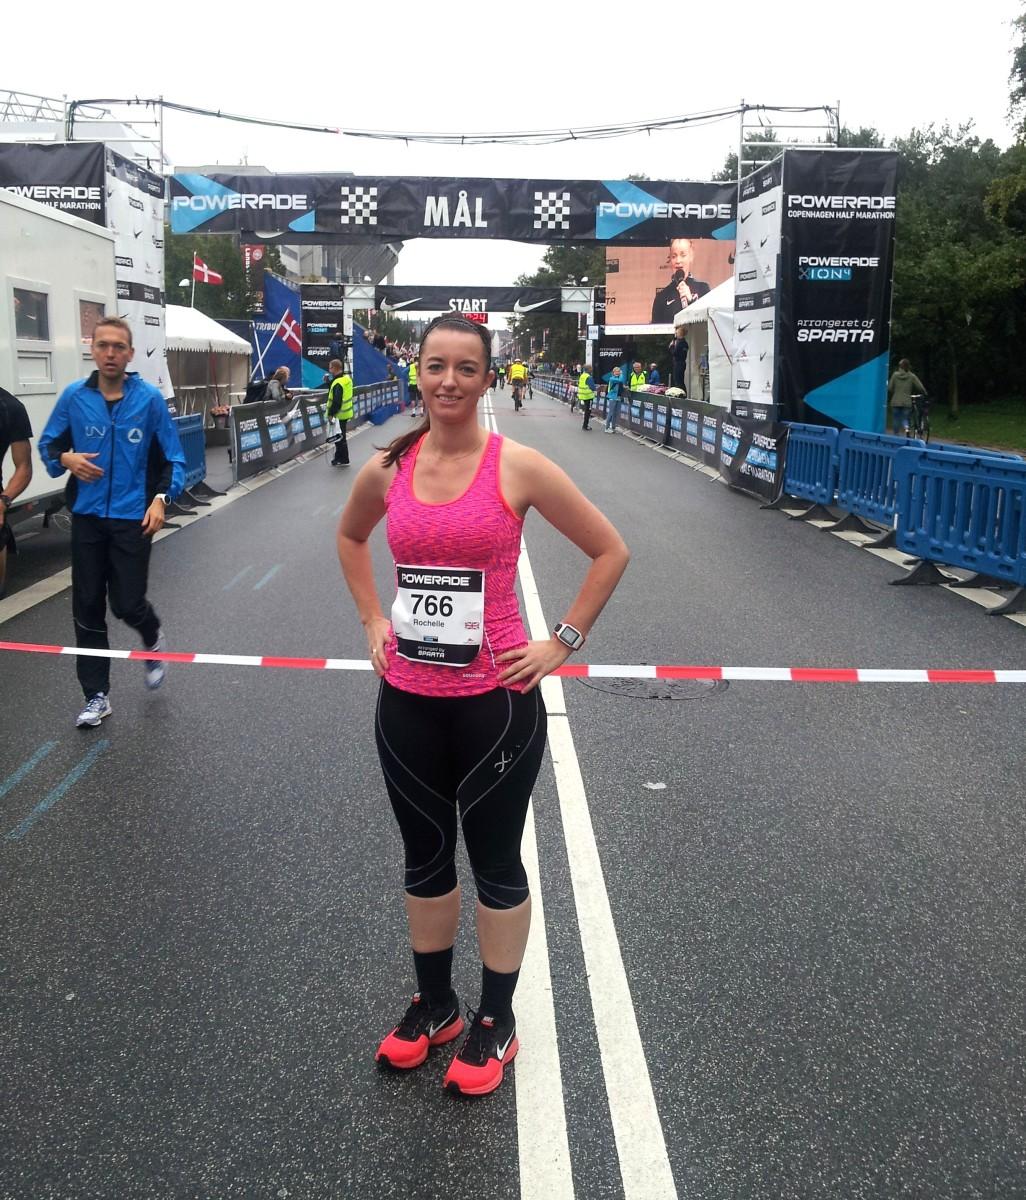 Female runner